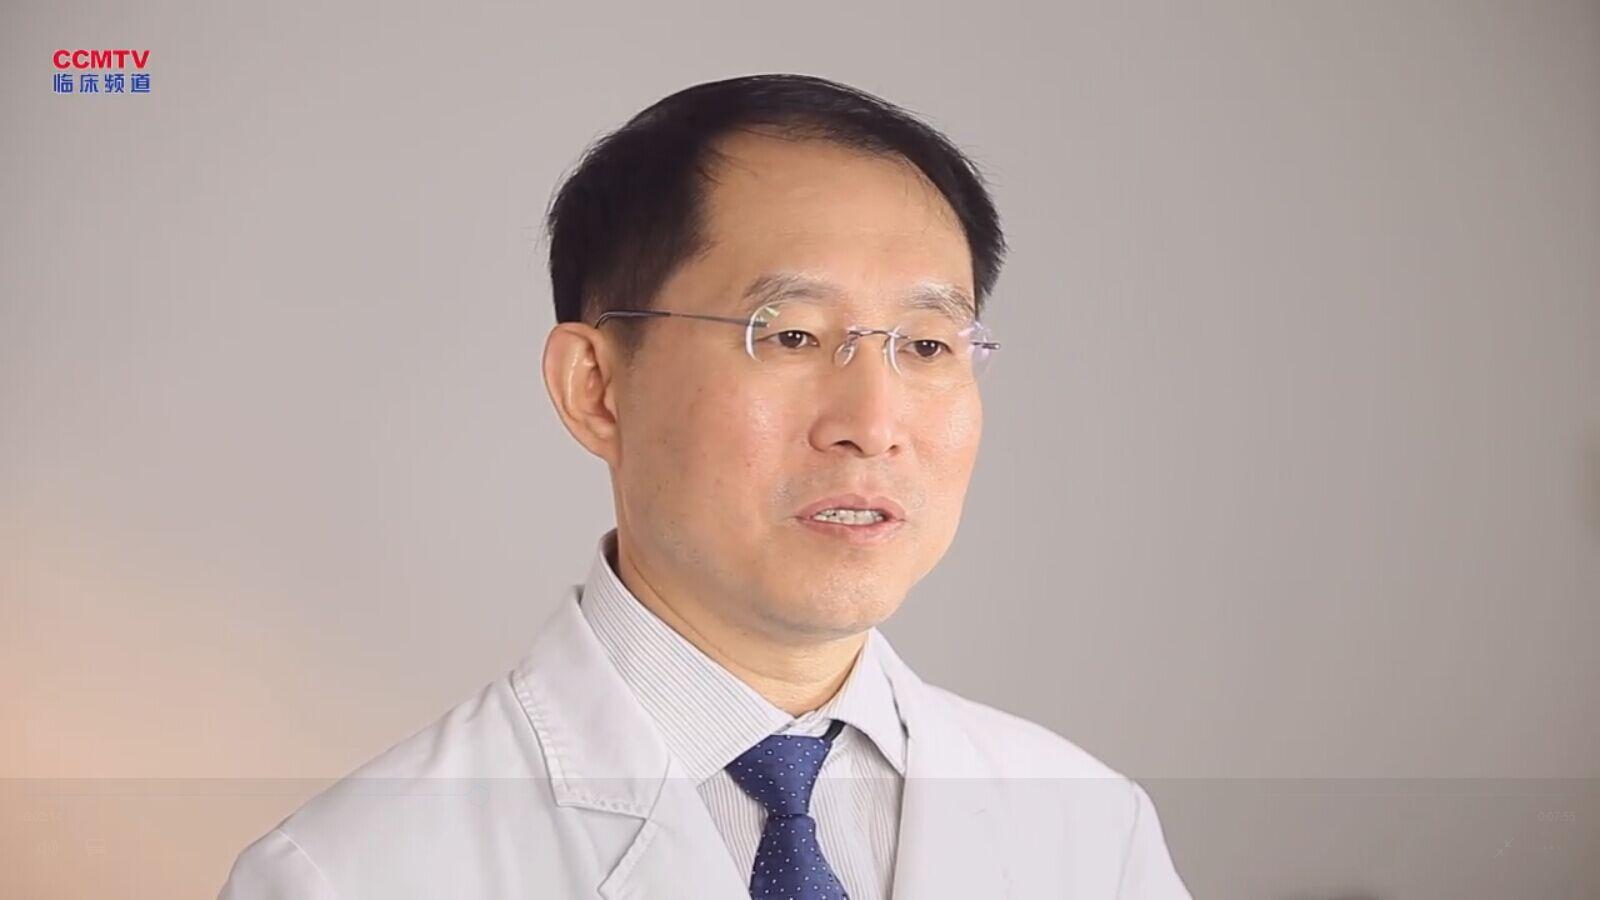 张海涛:大数据时代,心脏人工智能的机遇挑战和研究热点